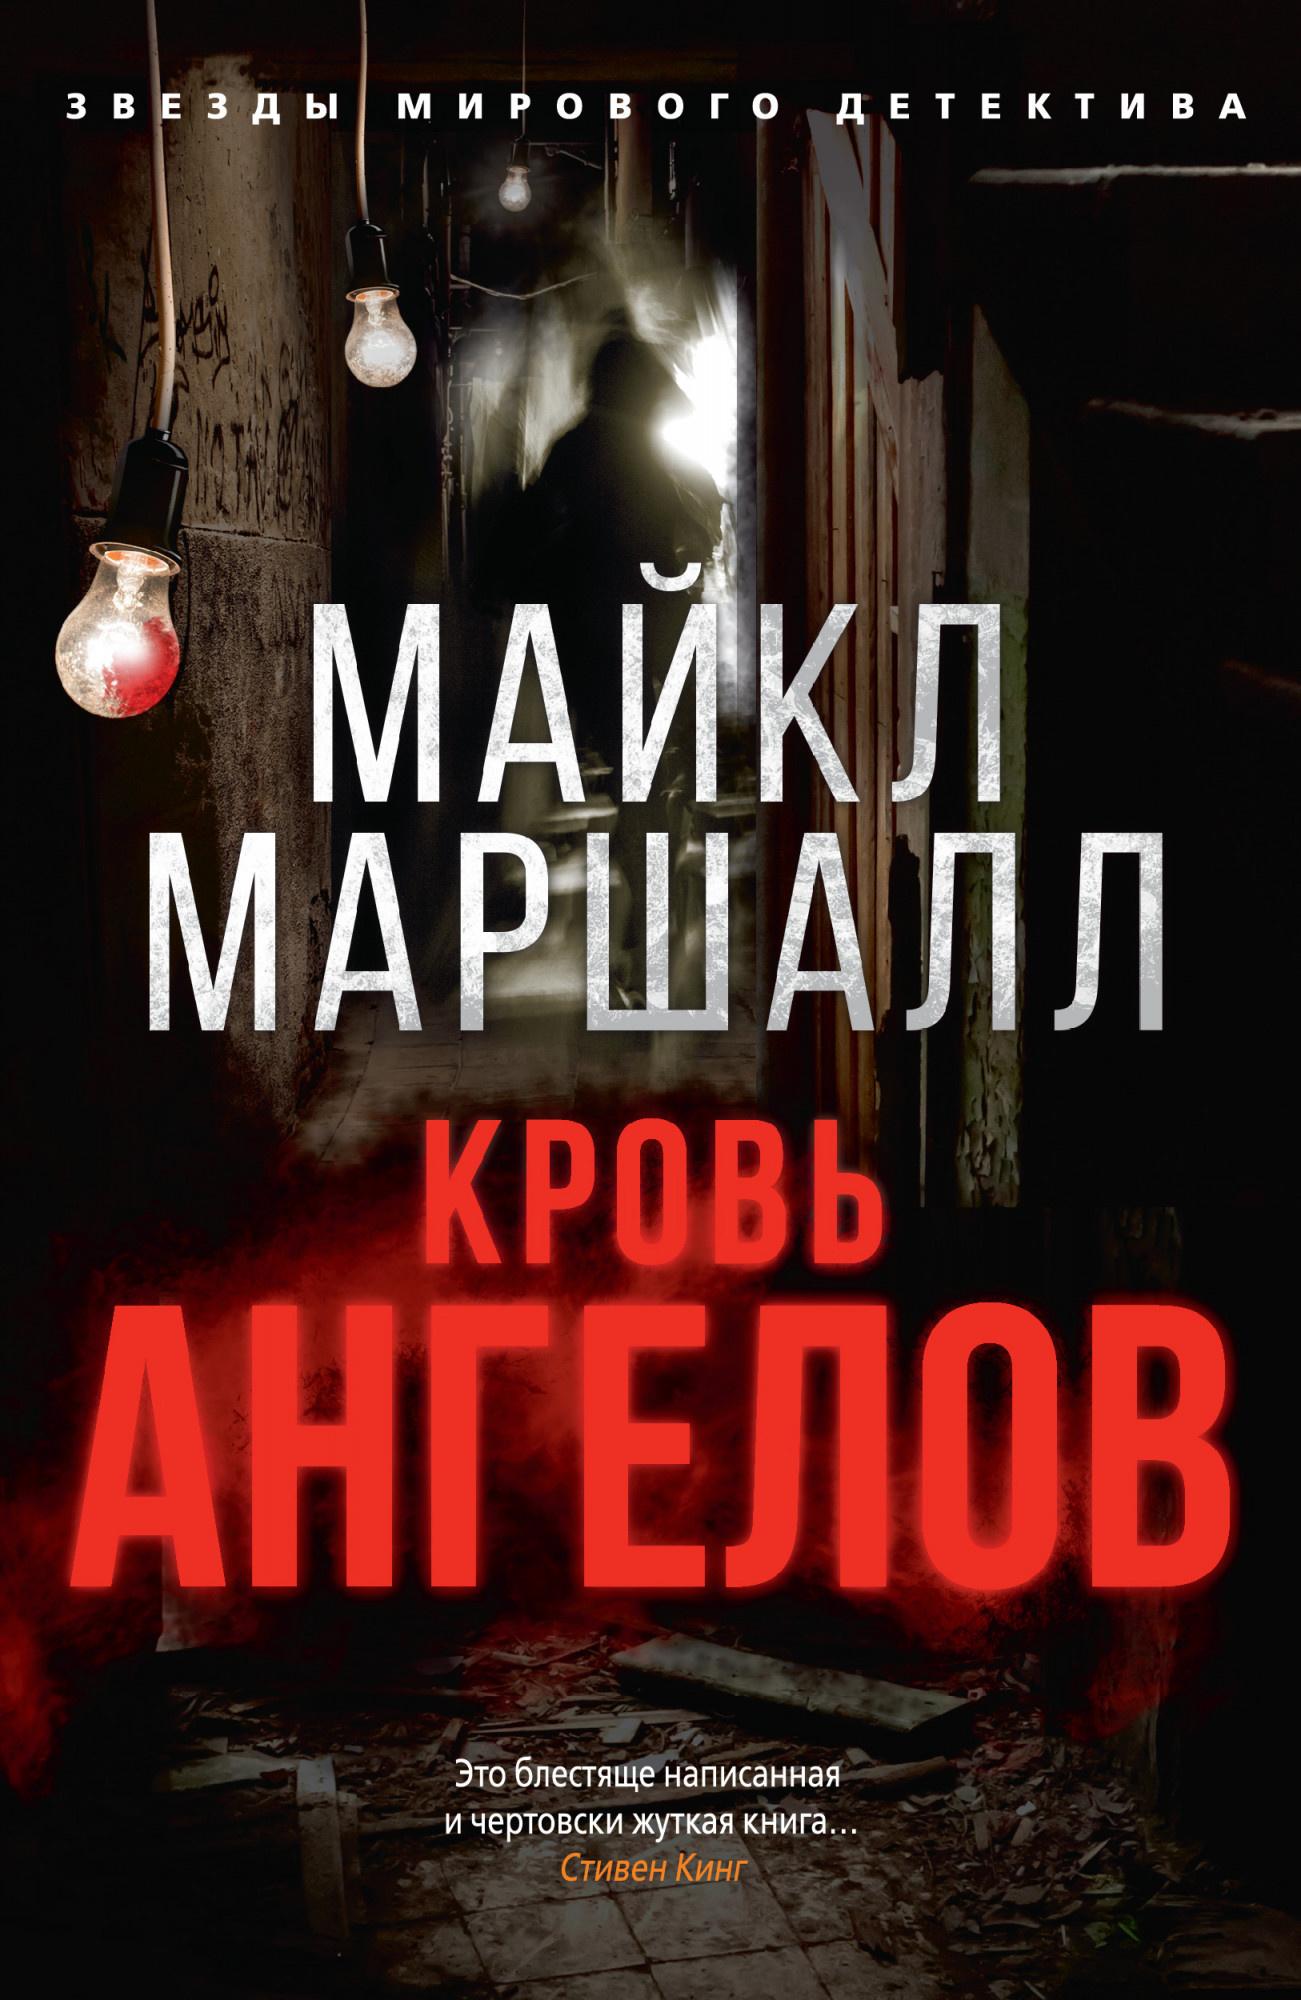 Кровь ангелов. Автор — Майкл Маршалл. Переплет —